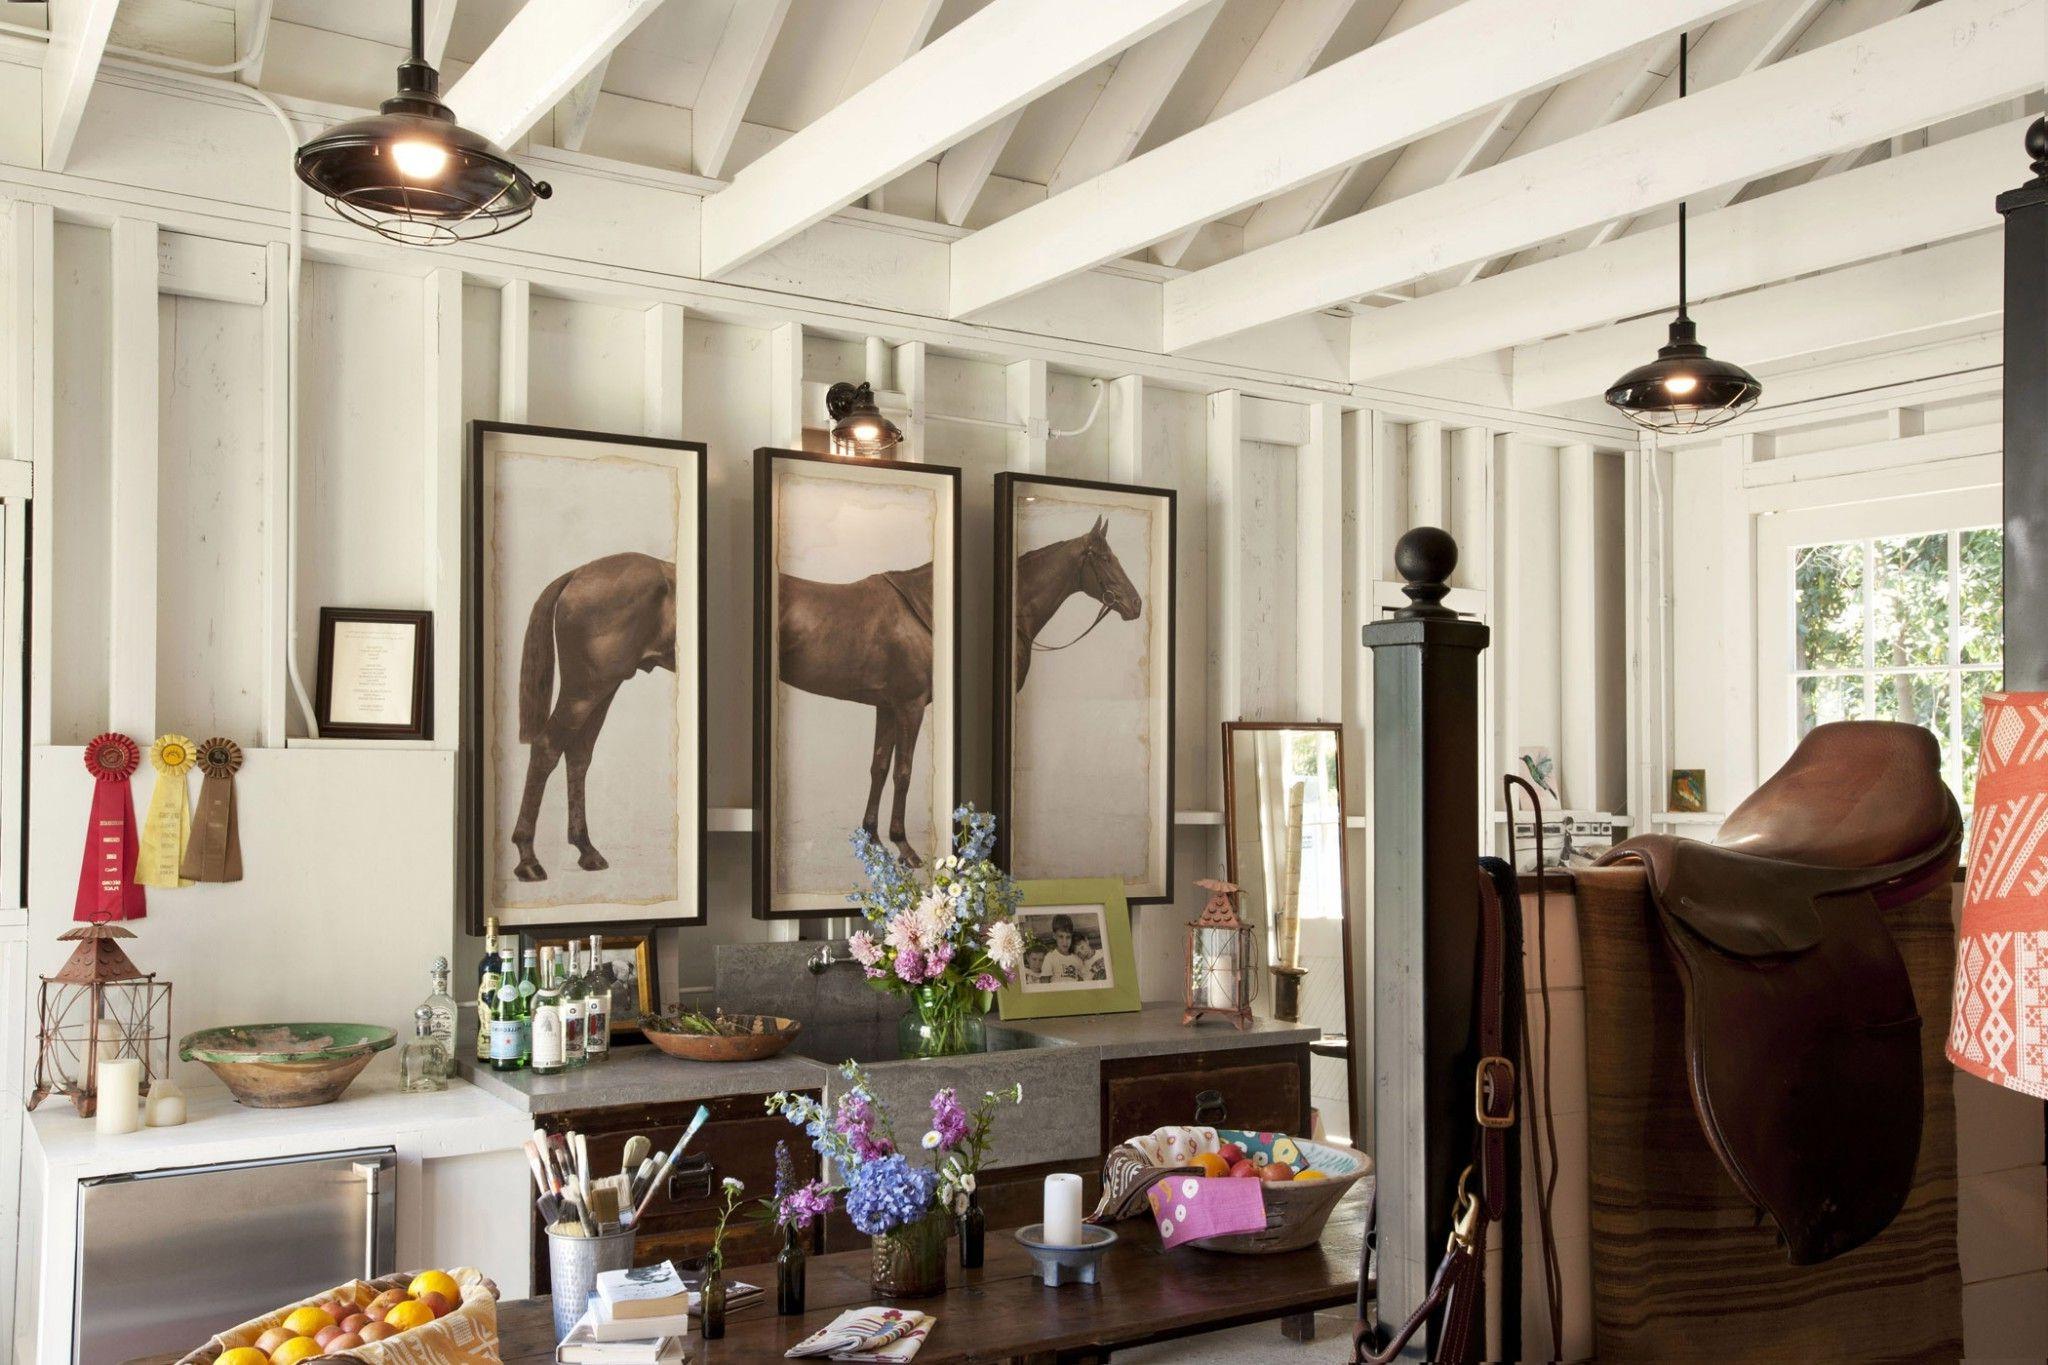 Sur le dessus, décorez les tables avec de petits ornements ou des vases de fleurs.